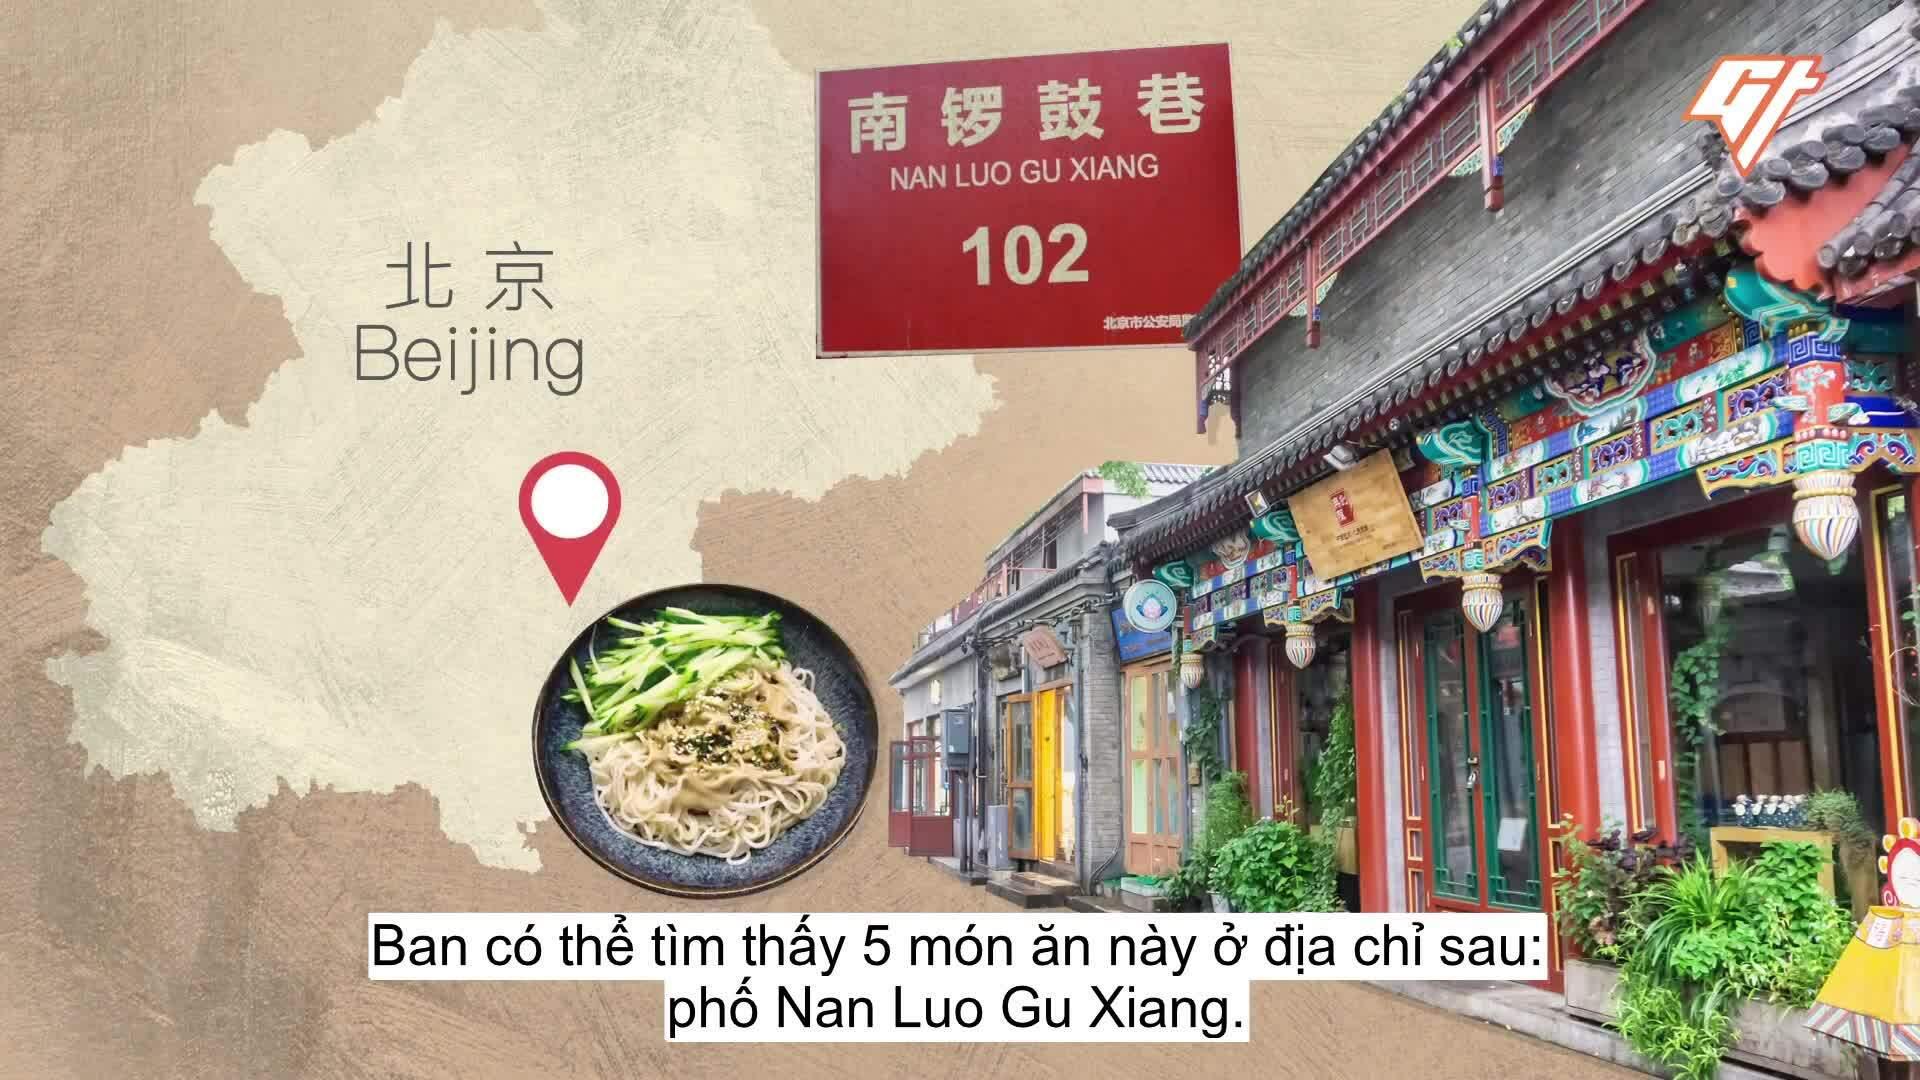 5 món đường phố không nên bỏ lỡ ở Bắc Kinh